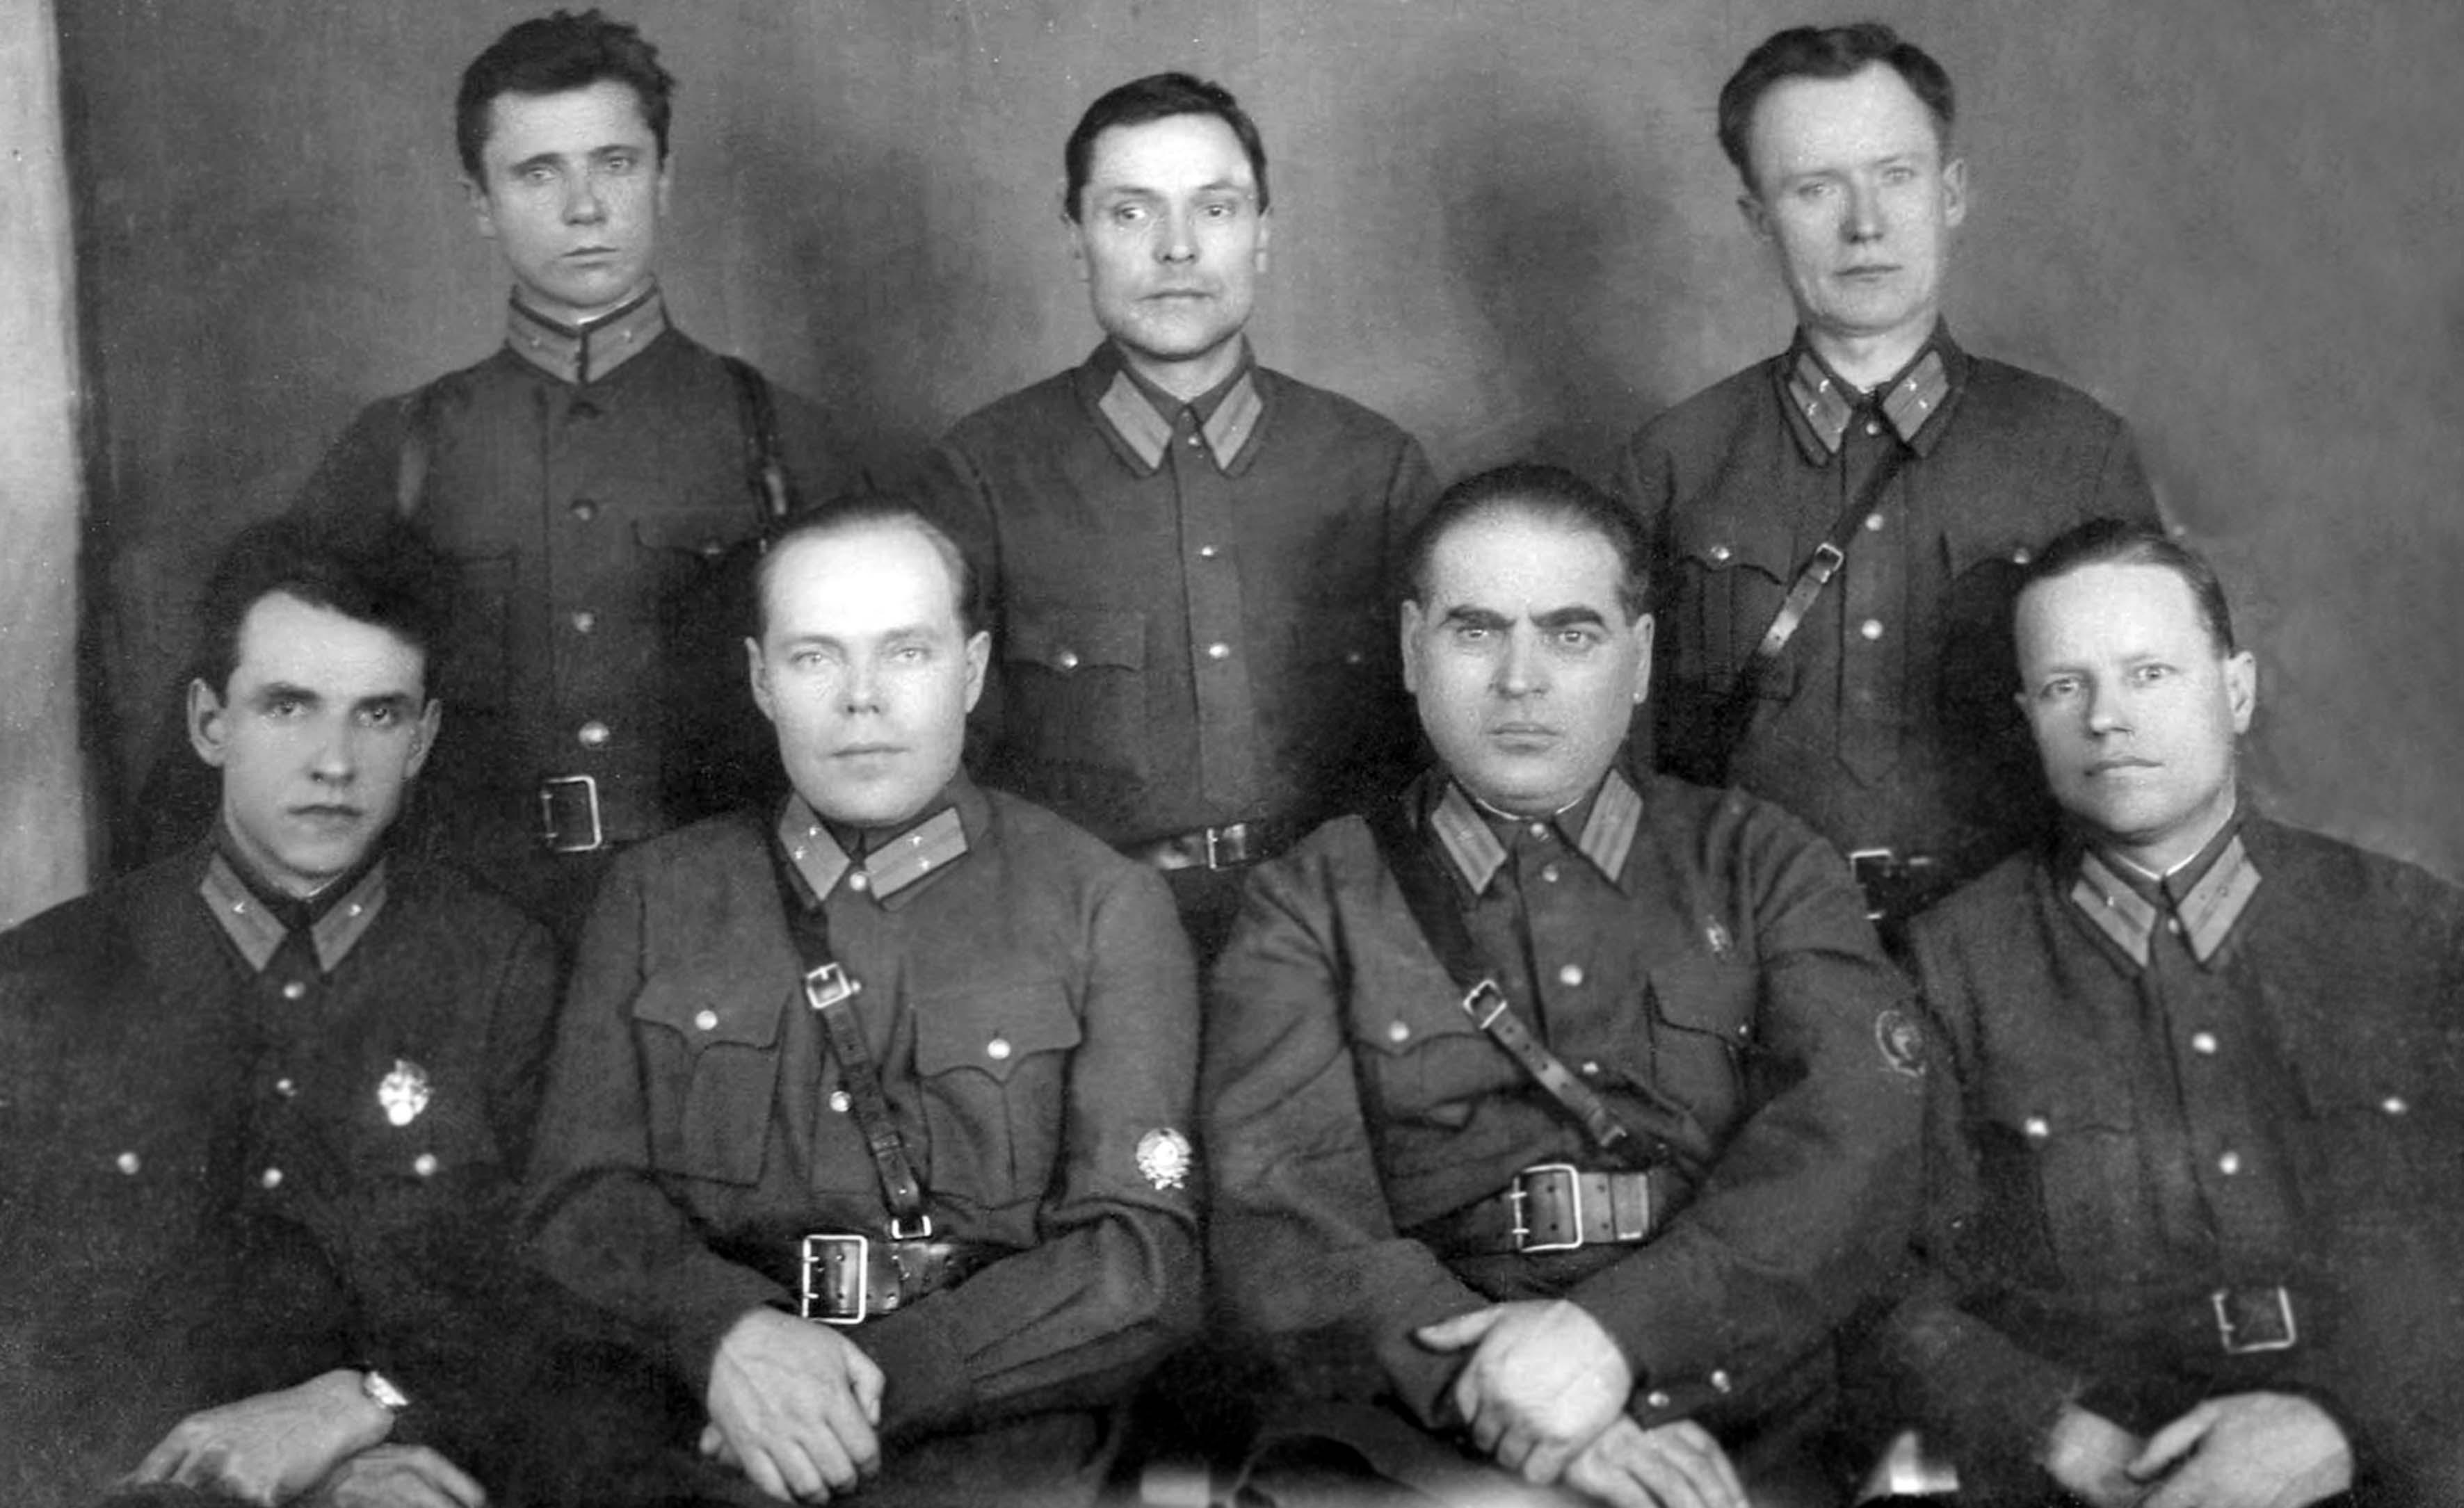 rabotniki-stalingradskogo-gorotdela-milicii-1938-god.jpg